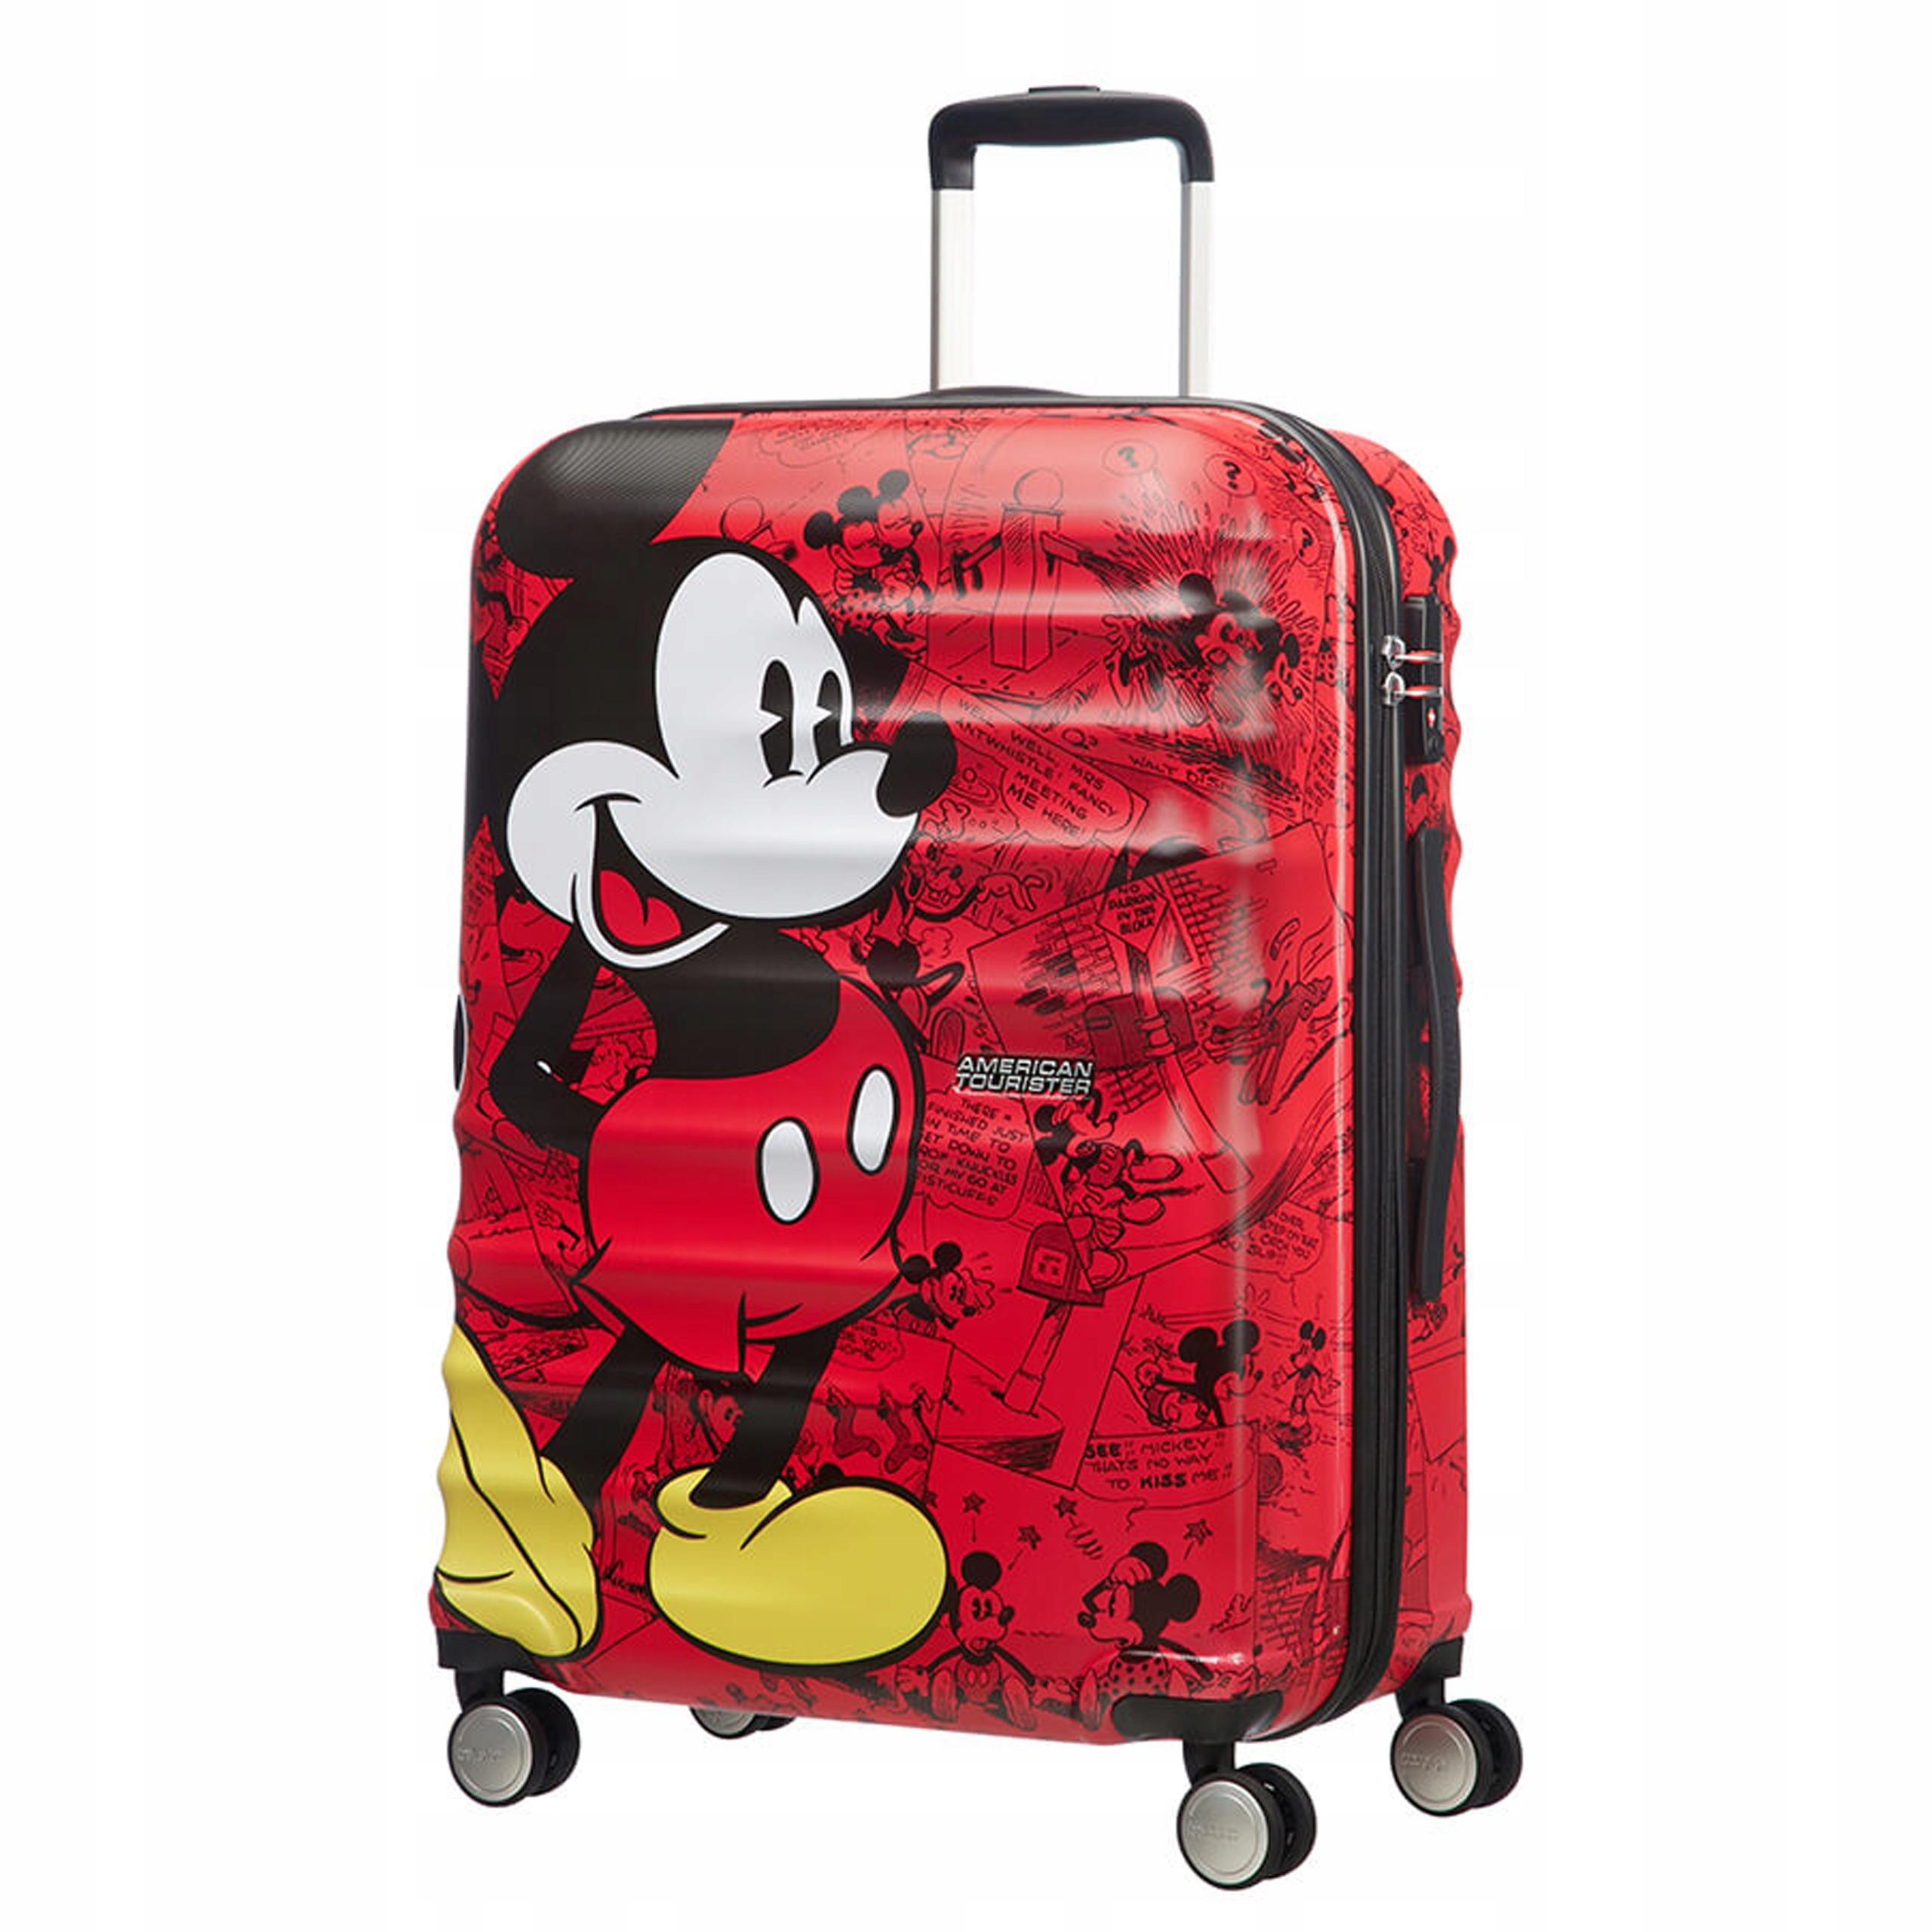 d5775d285cf69 Walizka AMERICAN TOURISTER Disney wyprzedaż30% - 7714737480 ...